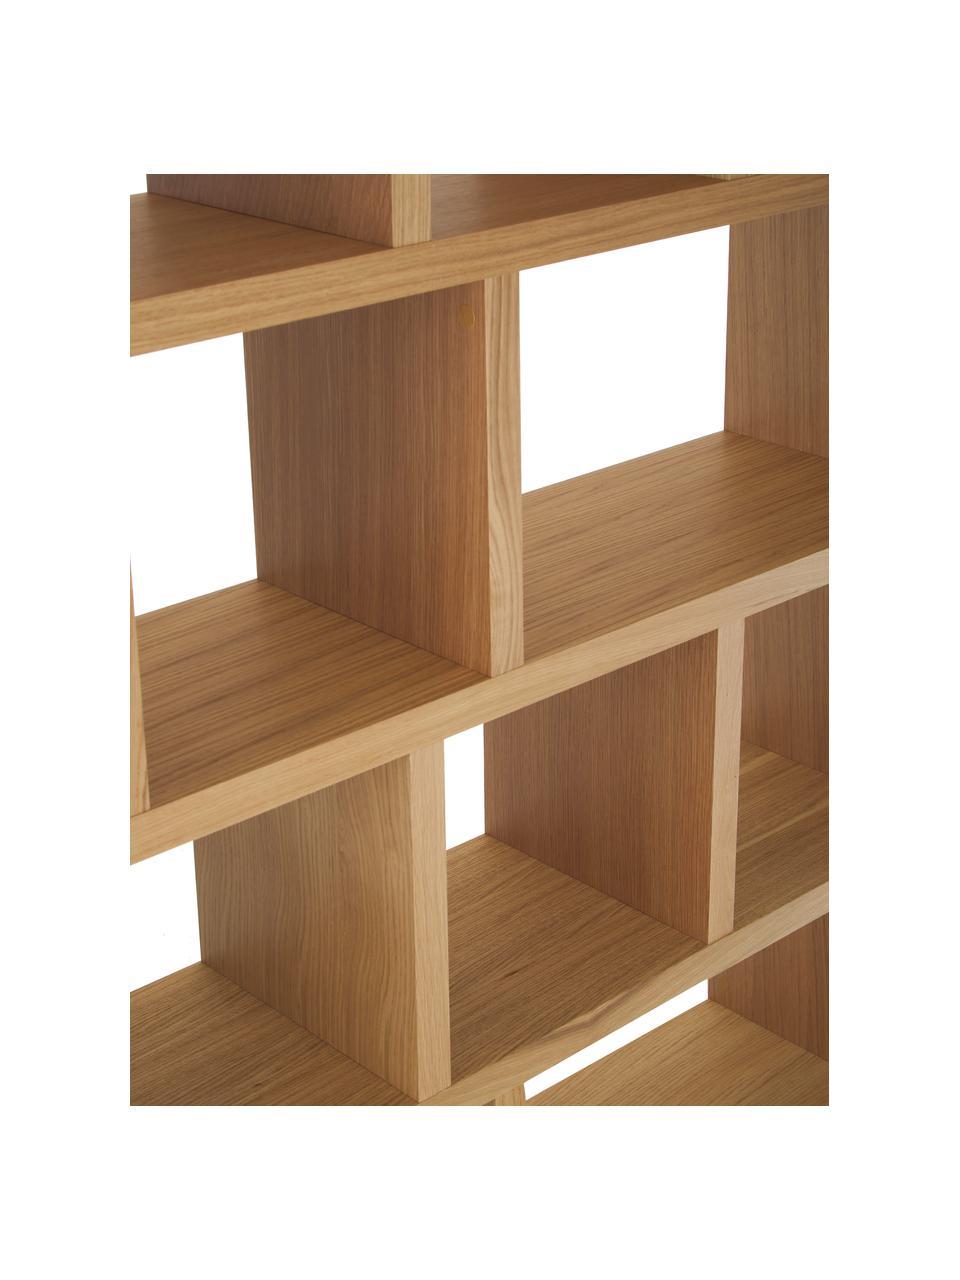 Libreria grande con finitura in legno di quercia Portlyn, Rivestimento: cartone di fibra a media , Superficie: finitura in vero legno, Legno di quercia, Larg. 150 x Alt. 198 cm